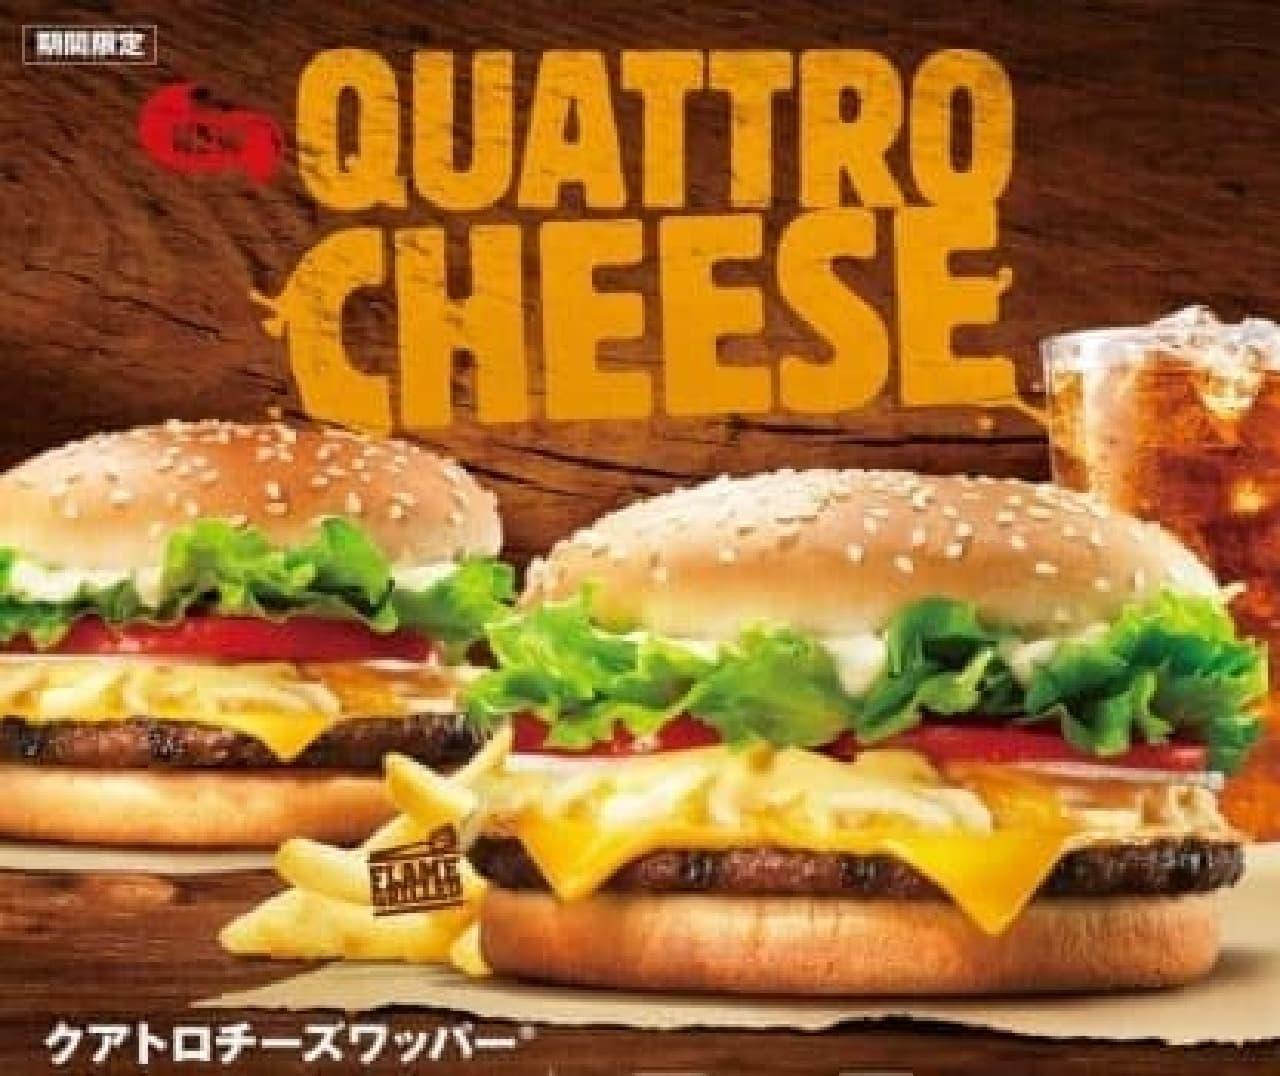 チーズたっぷりのハンバーガー!